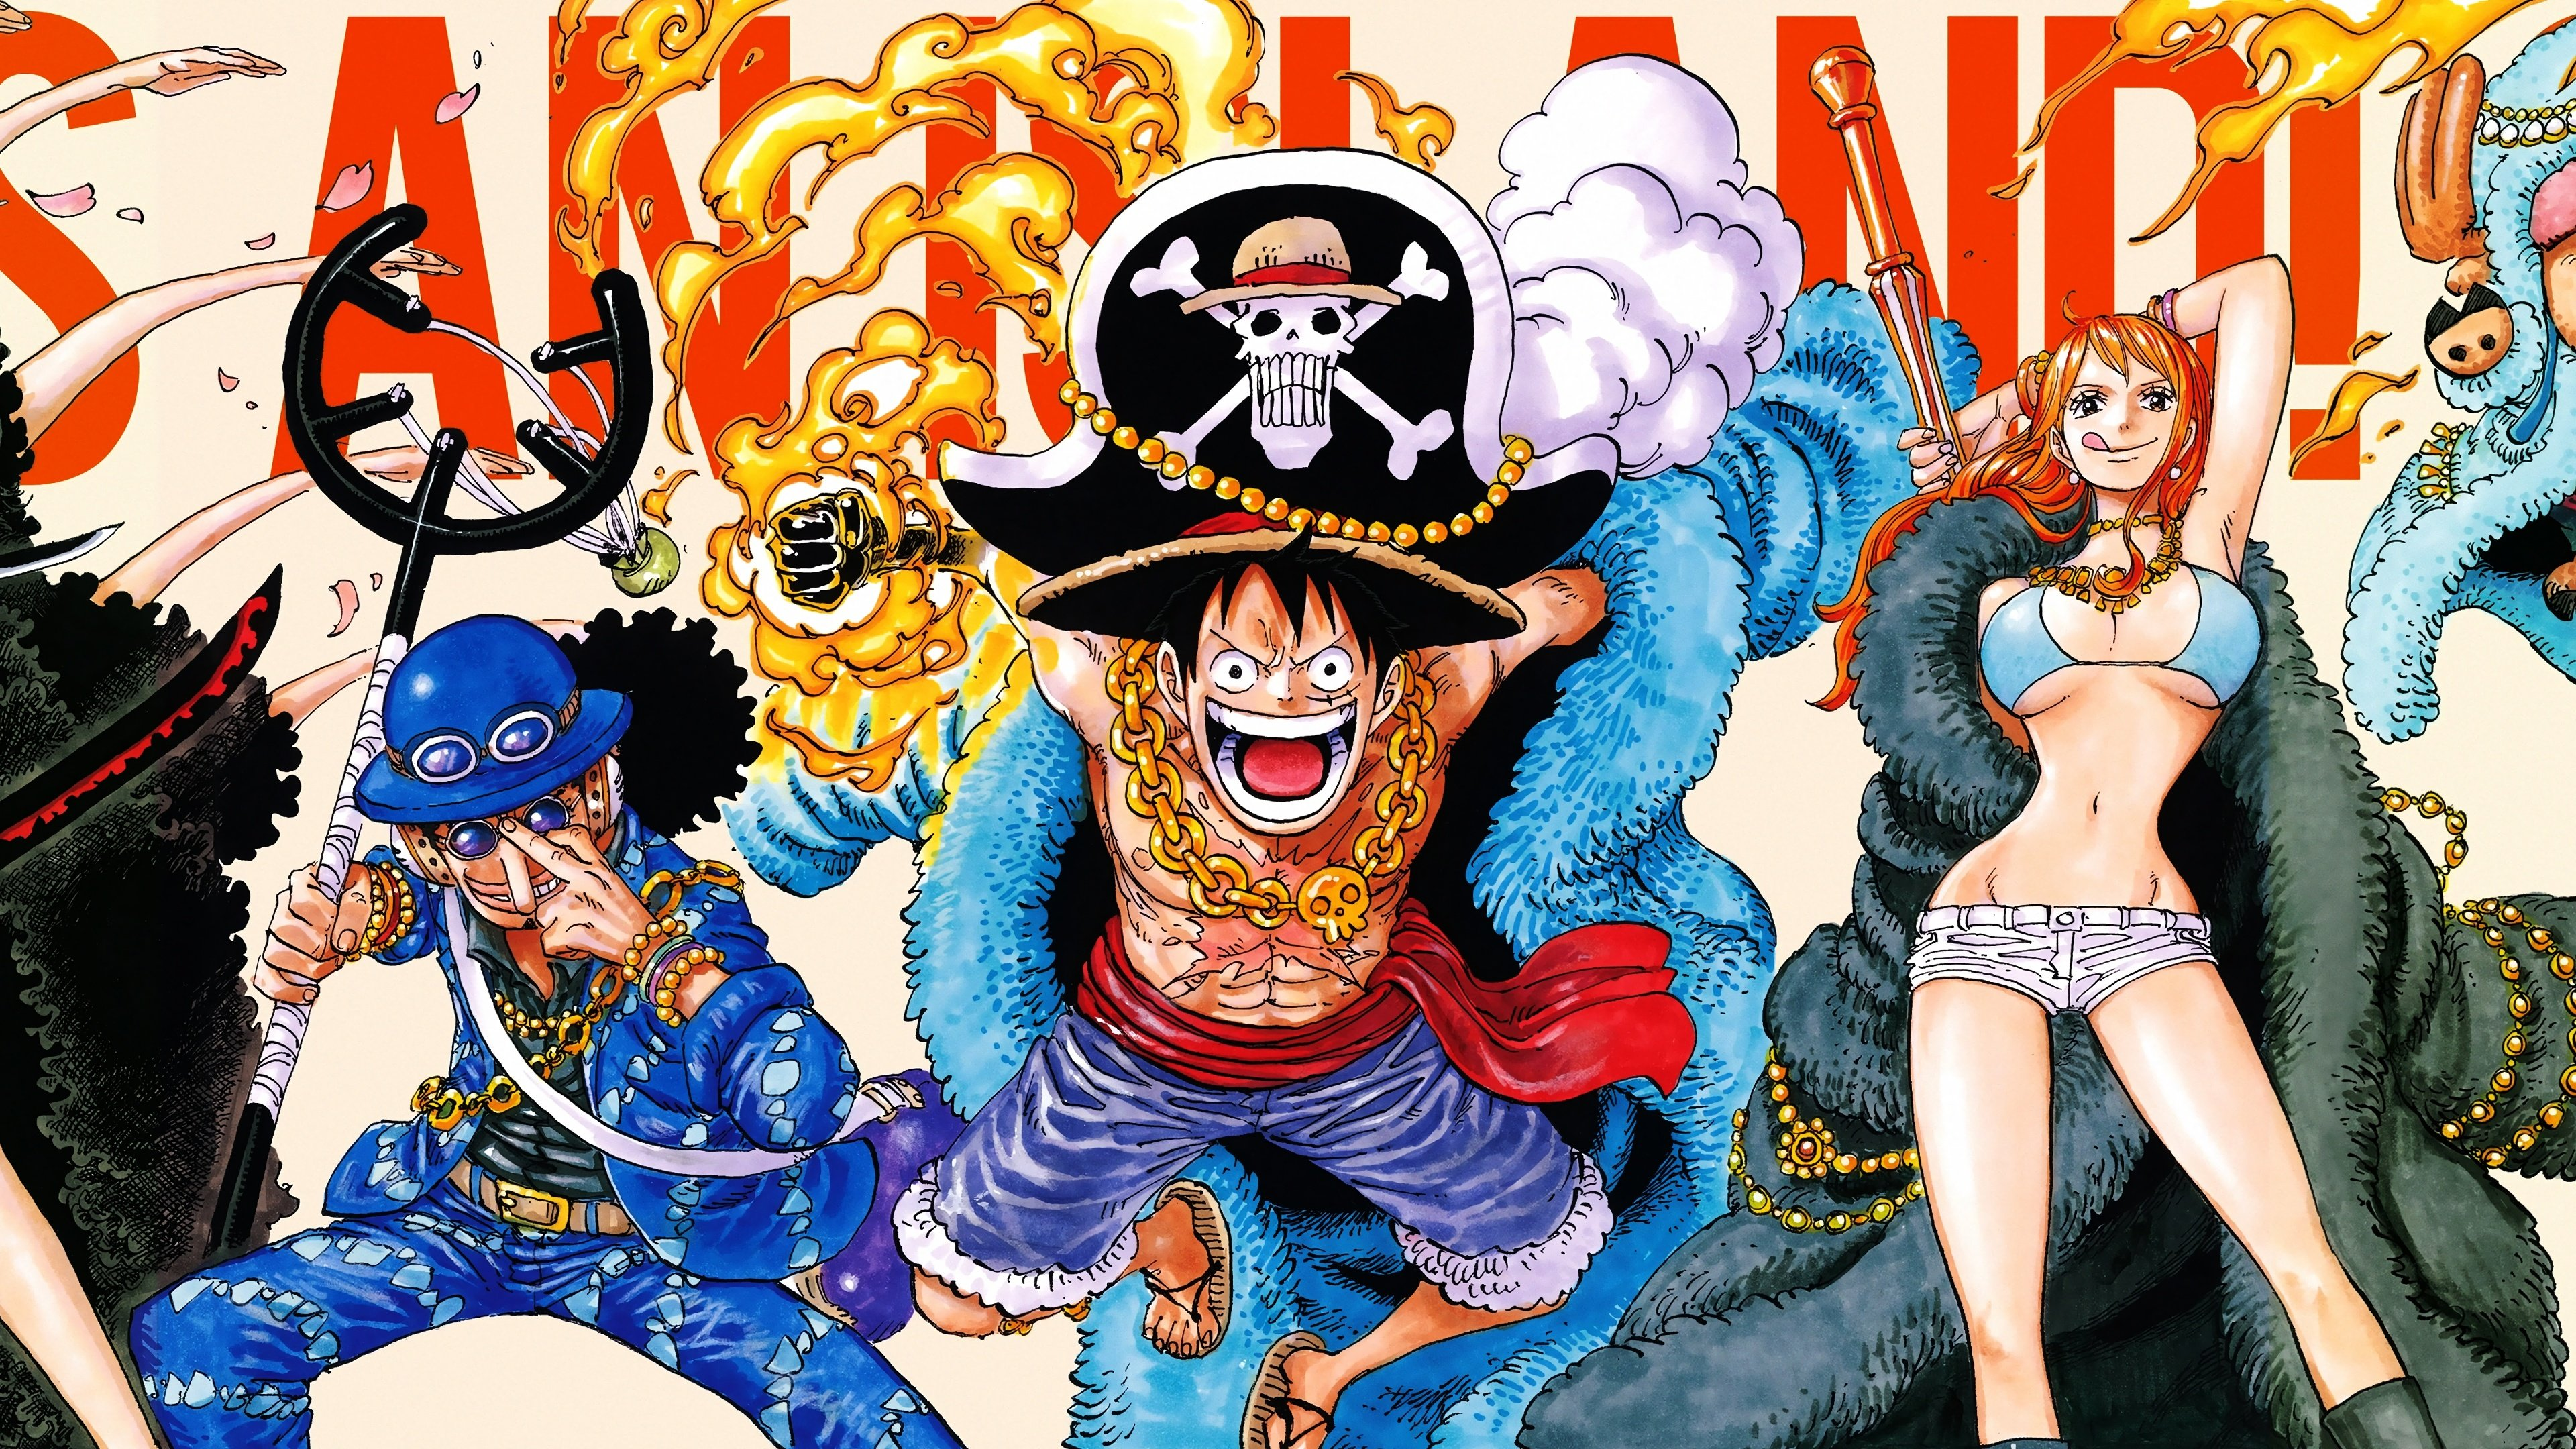 Luffy Usopp Nami One Piece 4K 8055 3840x2160